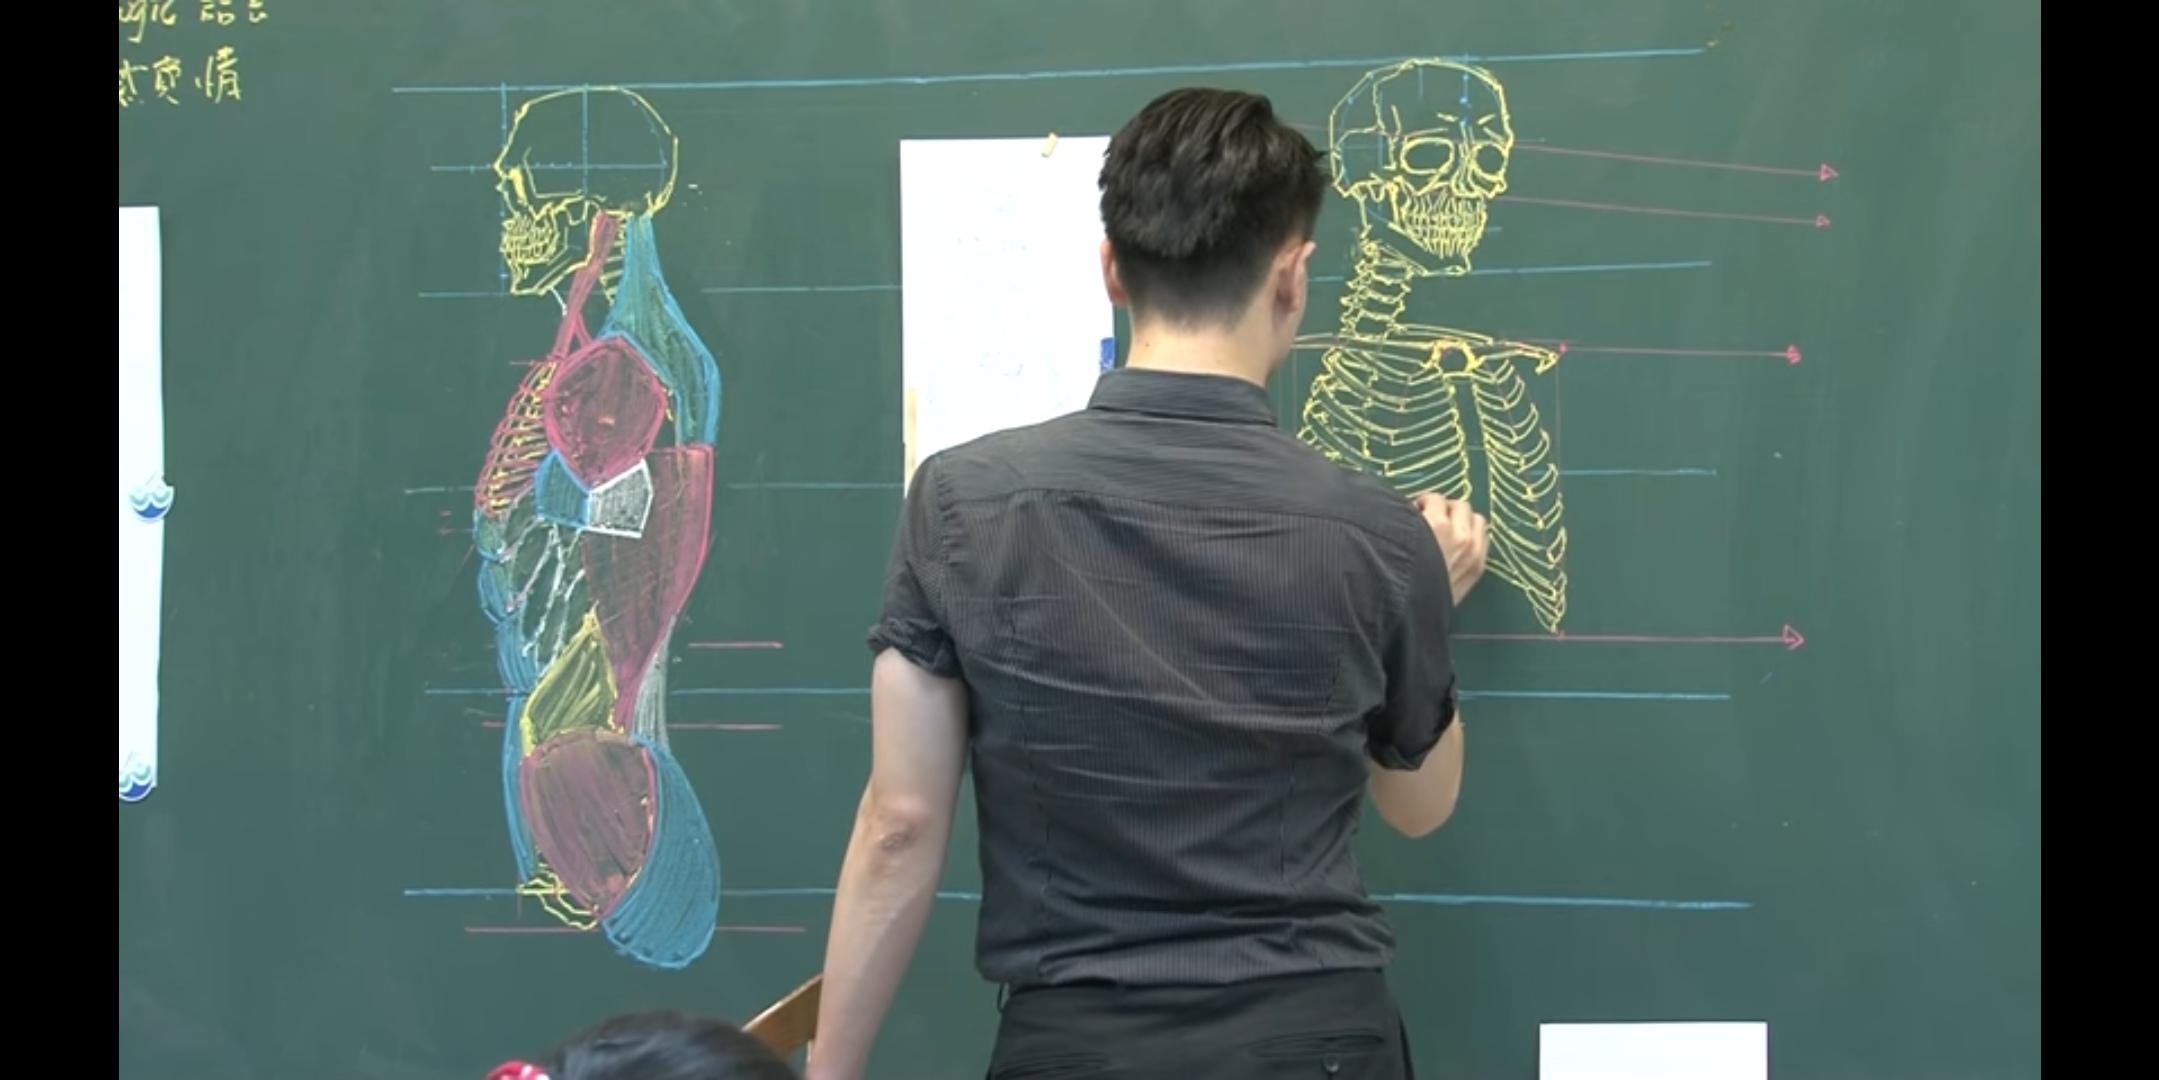 解剖学とチョークアートのコラボ